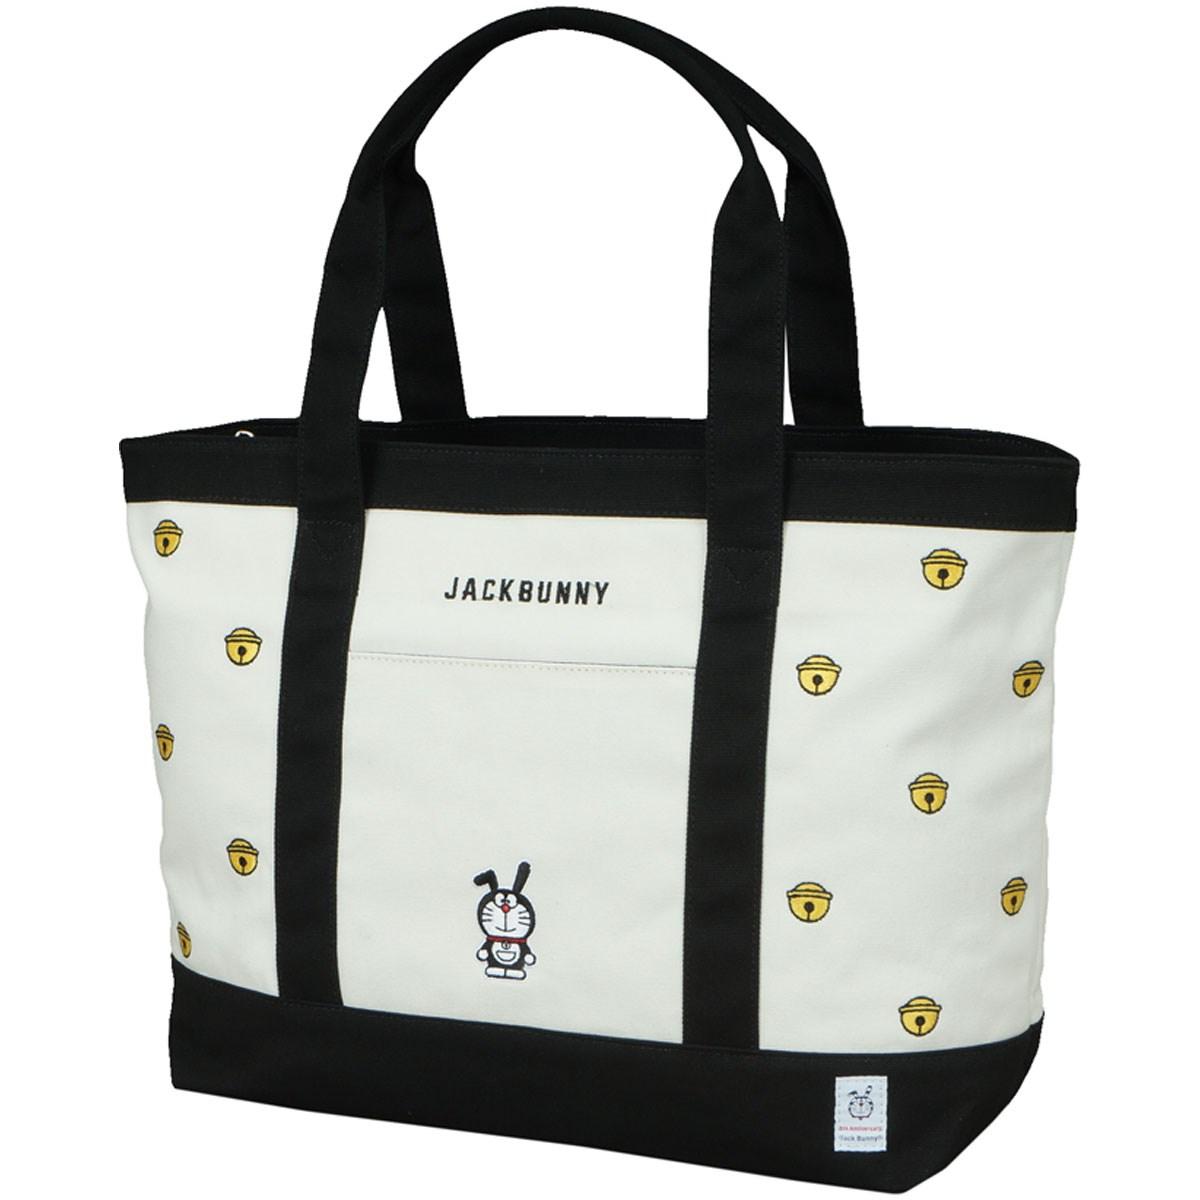 [2018年モデル] ジャックバニー ドラえもん総柄刺繍 鈴 トートバッグ ホワイト 030 メンズ ゴルフ